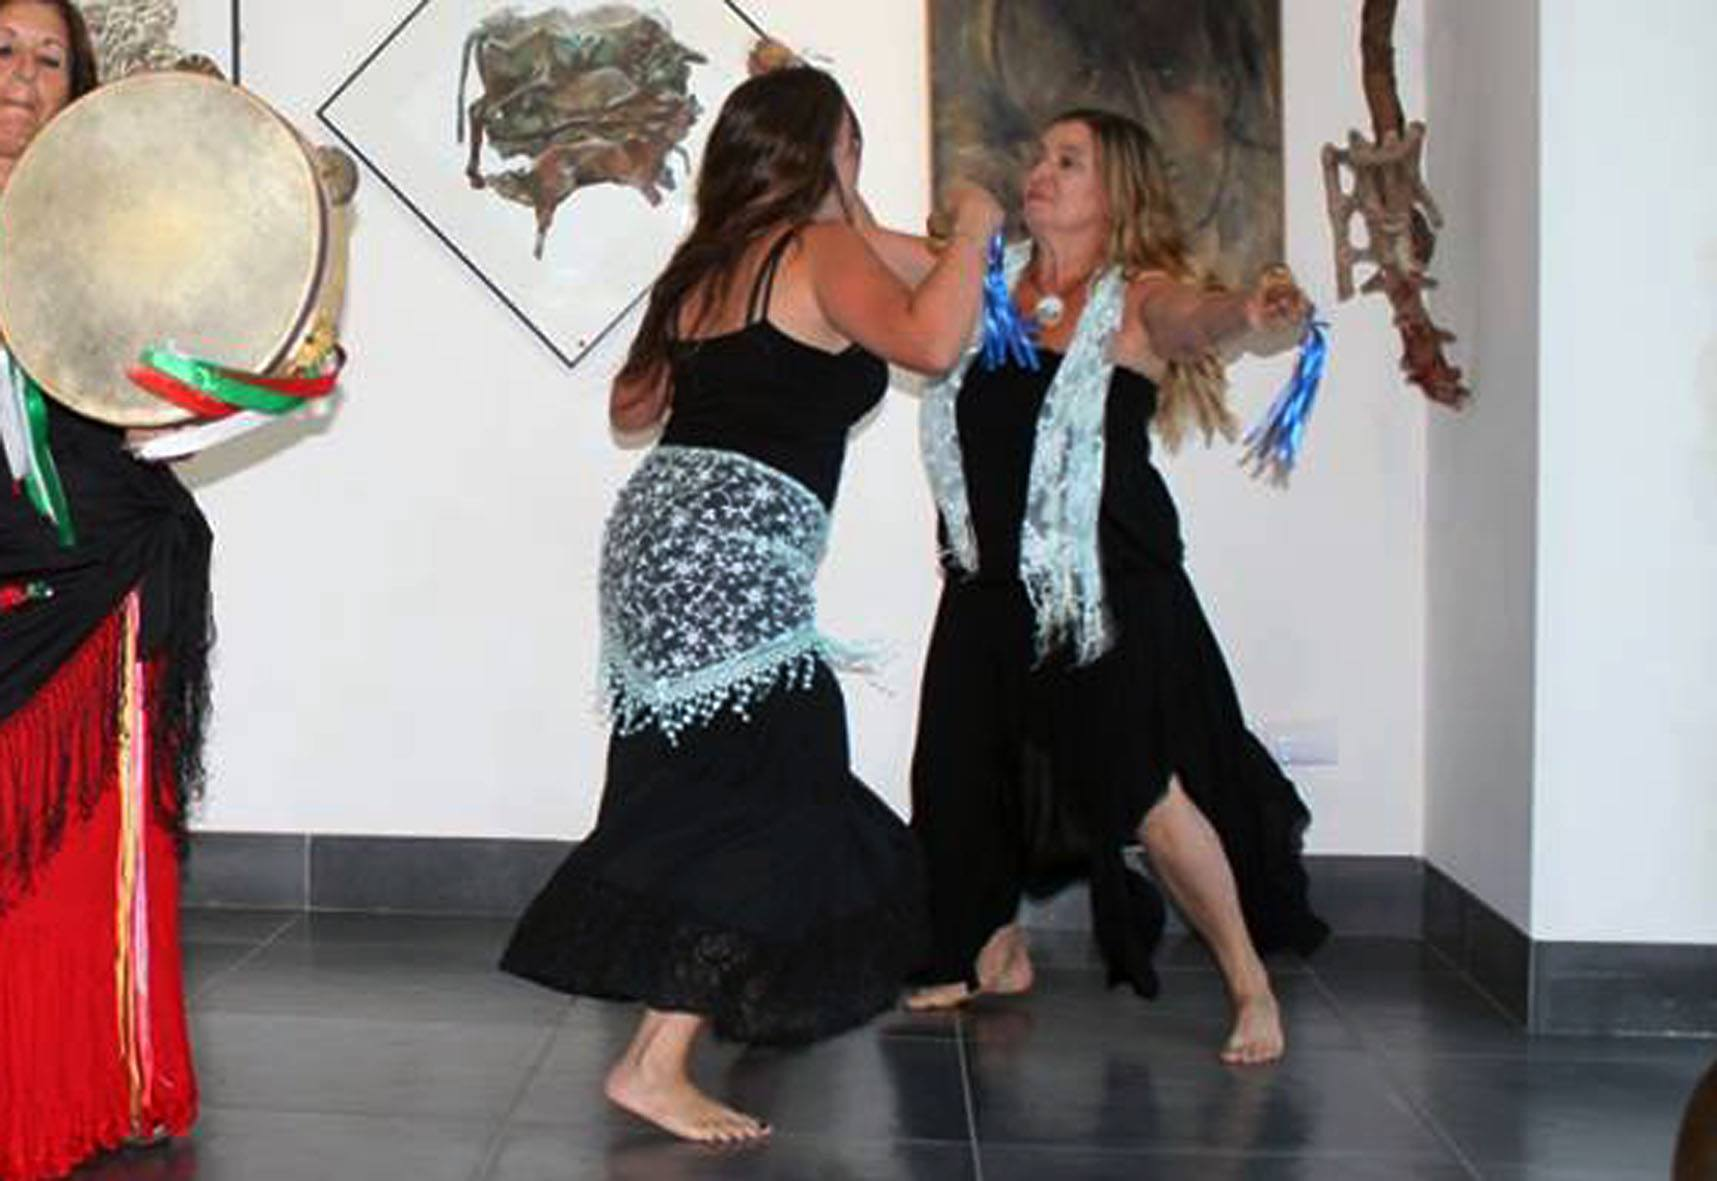 Caterina Stasino e Ilaria Cipolletta durante la performace di luglio 2017 presso Atelier Controsegno